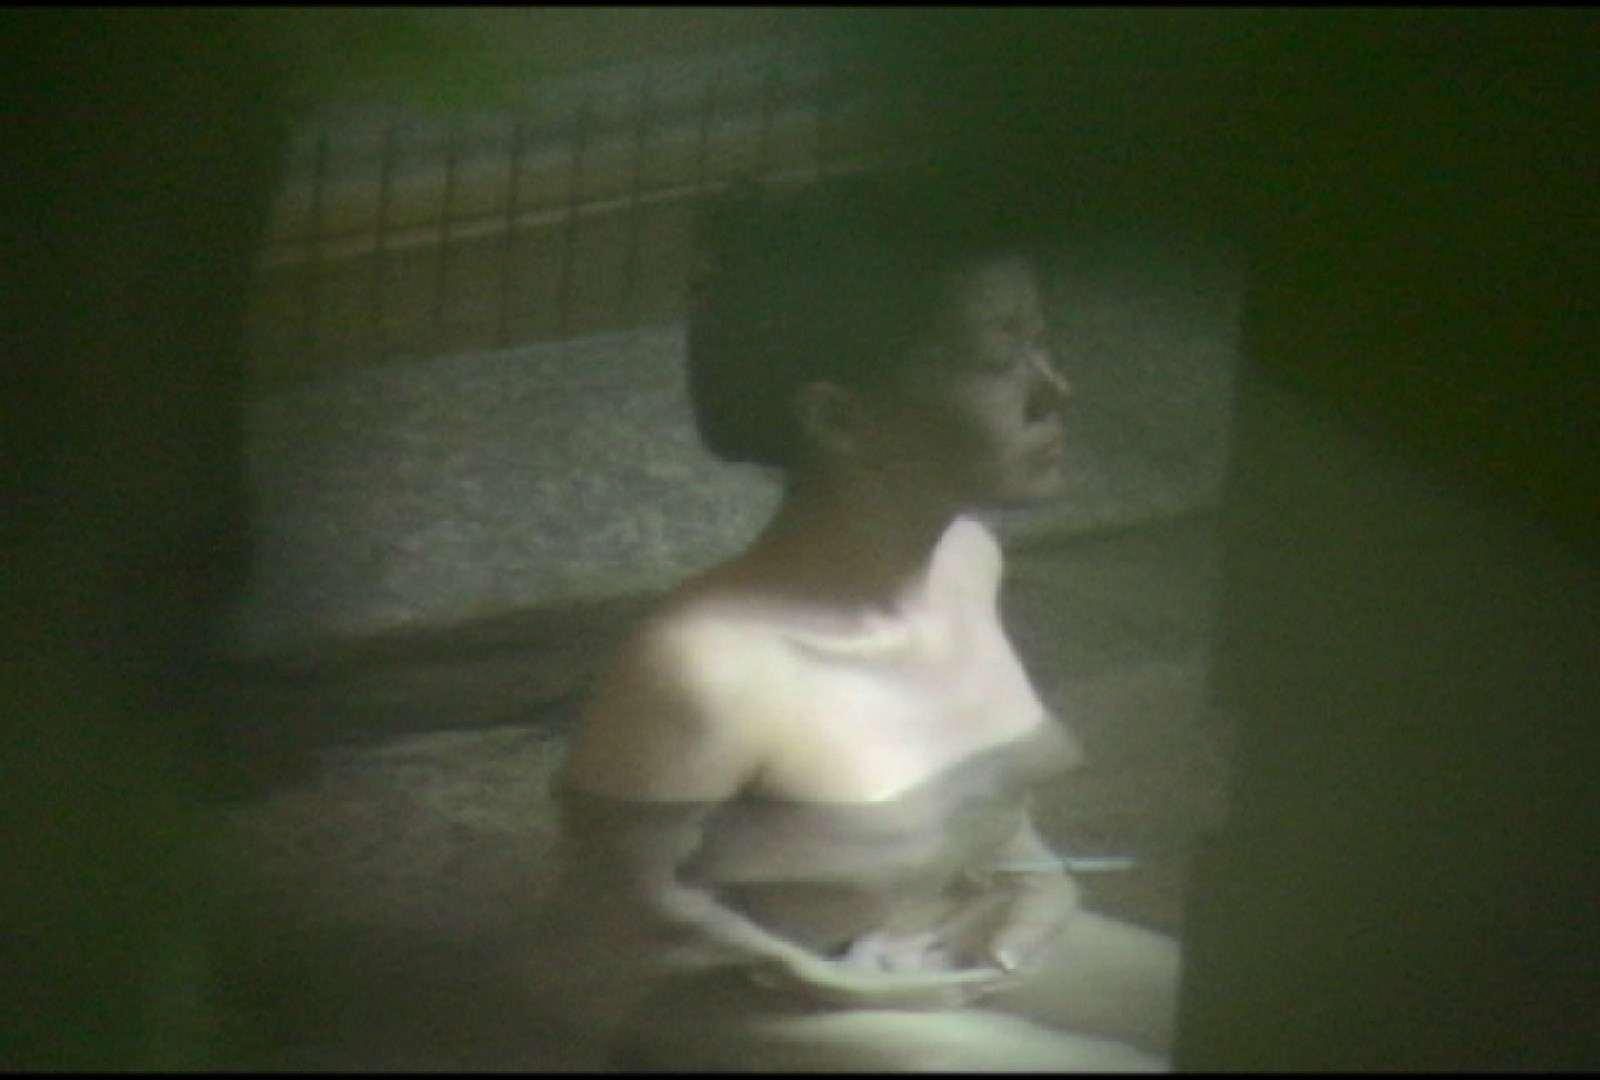 Aquaな露天風呂Vol.699 盗撮シリーズ  93PIX 2